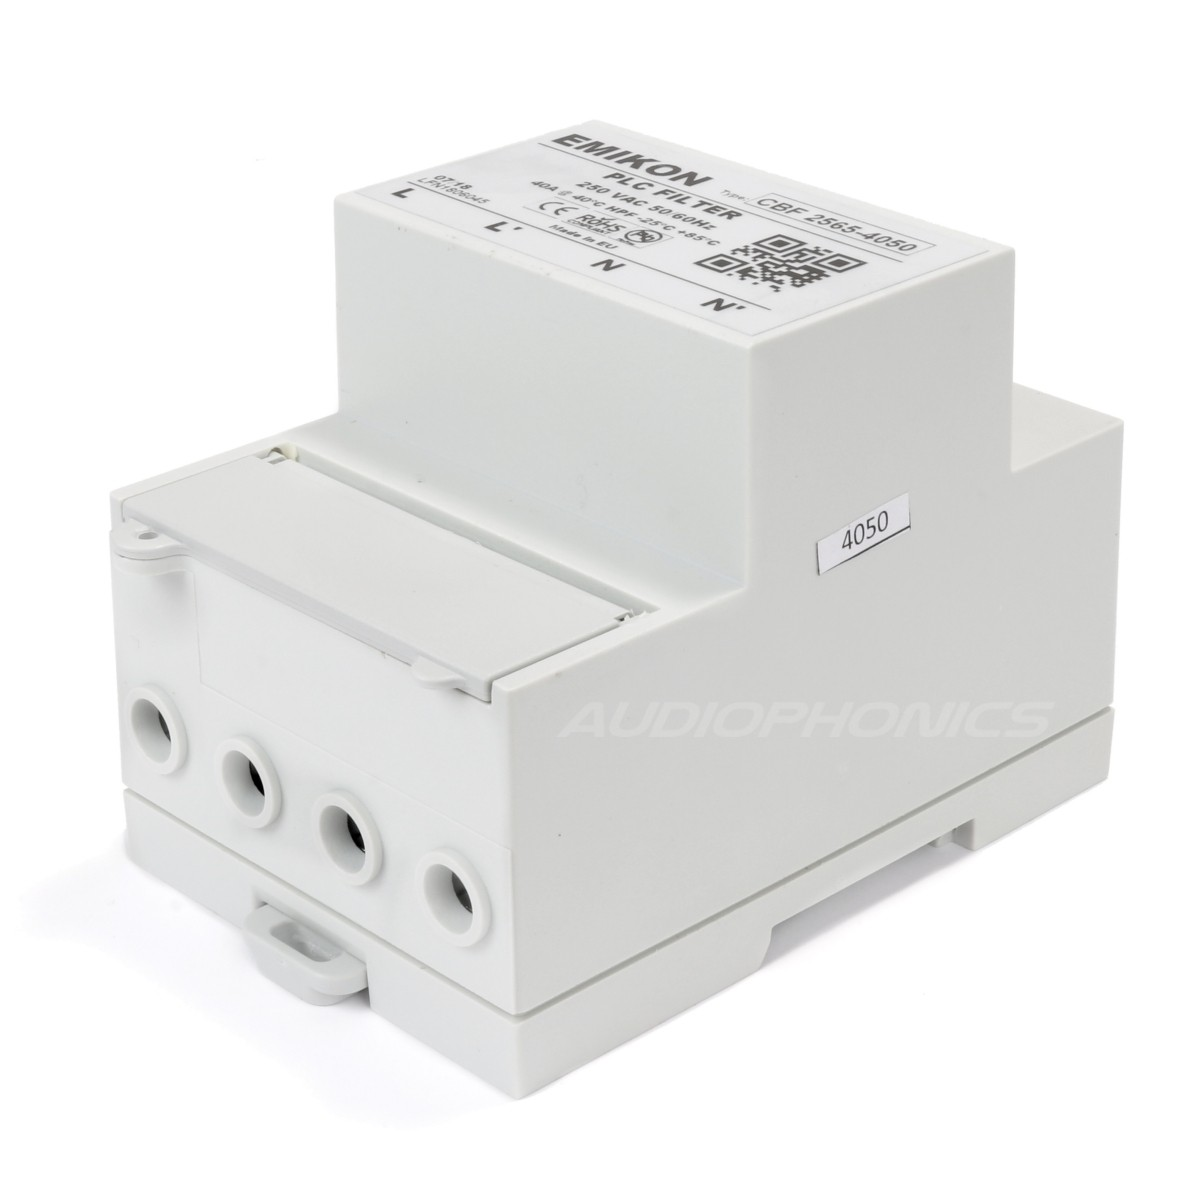 EMIKON CBF 2565-4050 Filtre Secteur 40A 50dB CENELEC-A Linky